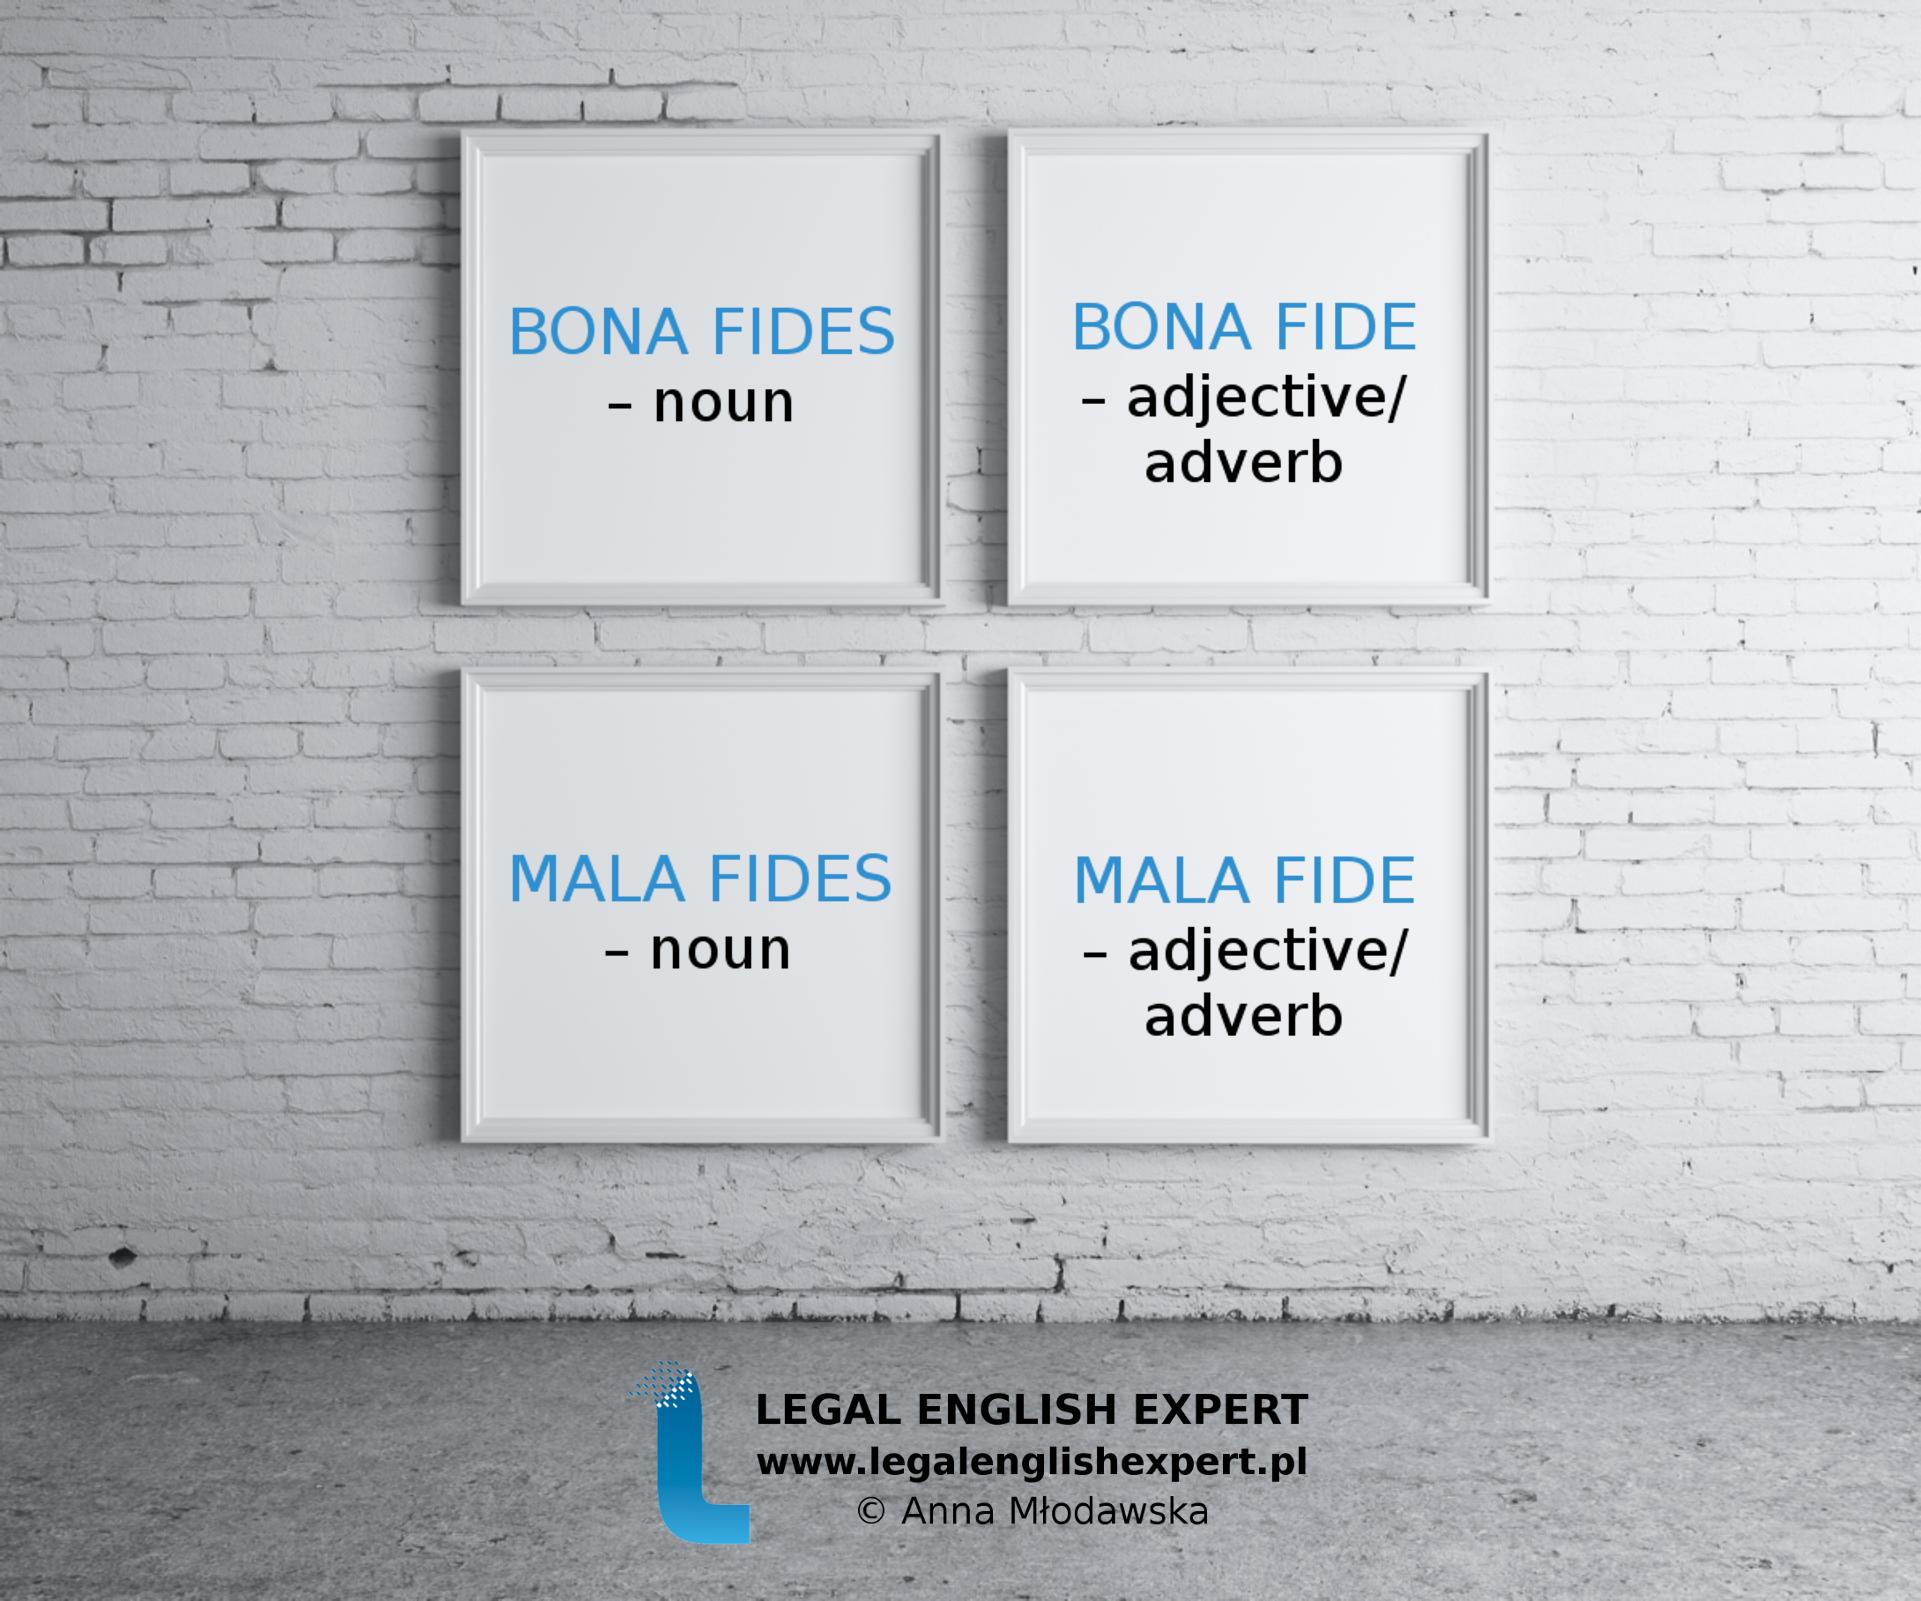 LEGAL ENGLISH EXPERT - infografika_60 - bona fides